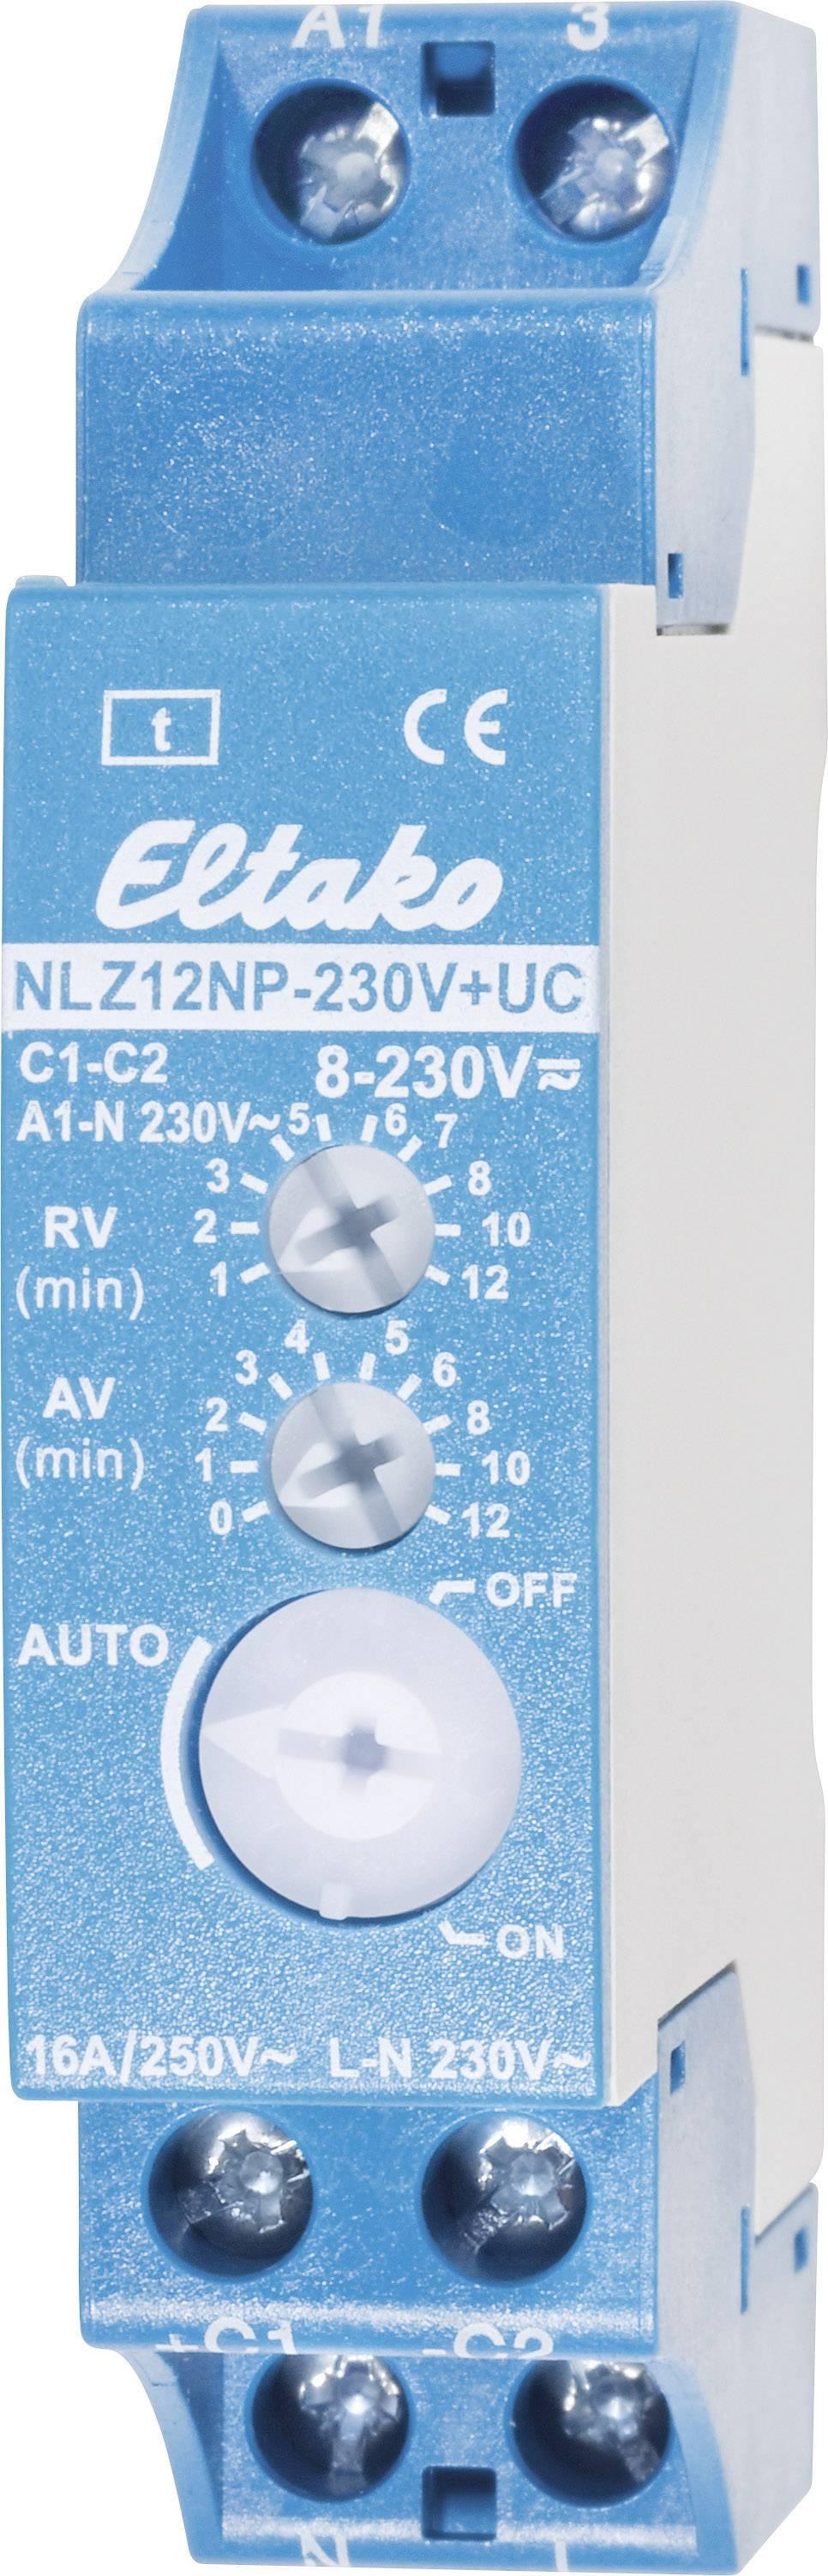 Časový spínač pre ventilátor Eltako na DIN lištu, 16 A, 23100704-1